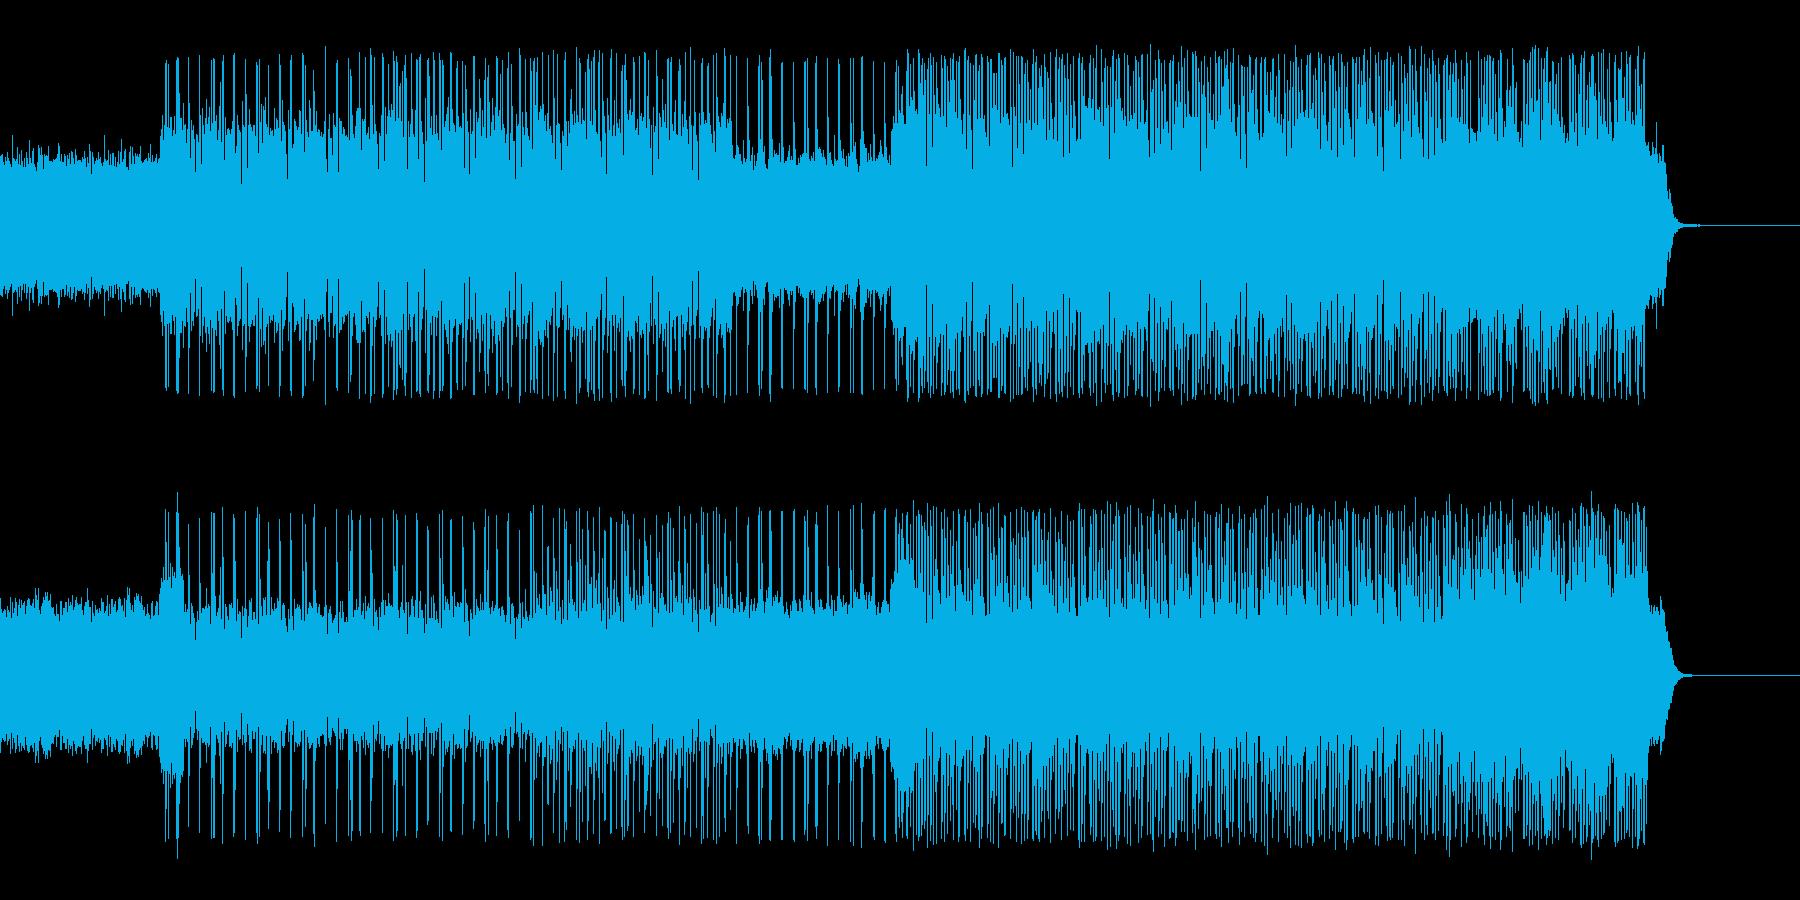 ロックなコードカッティングギターの再生済みの波形